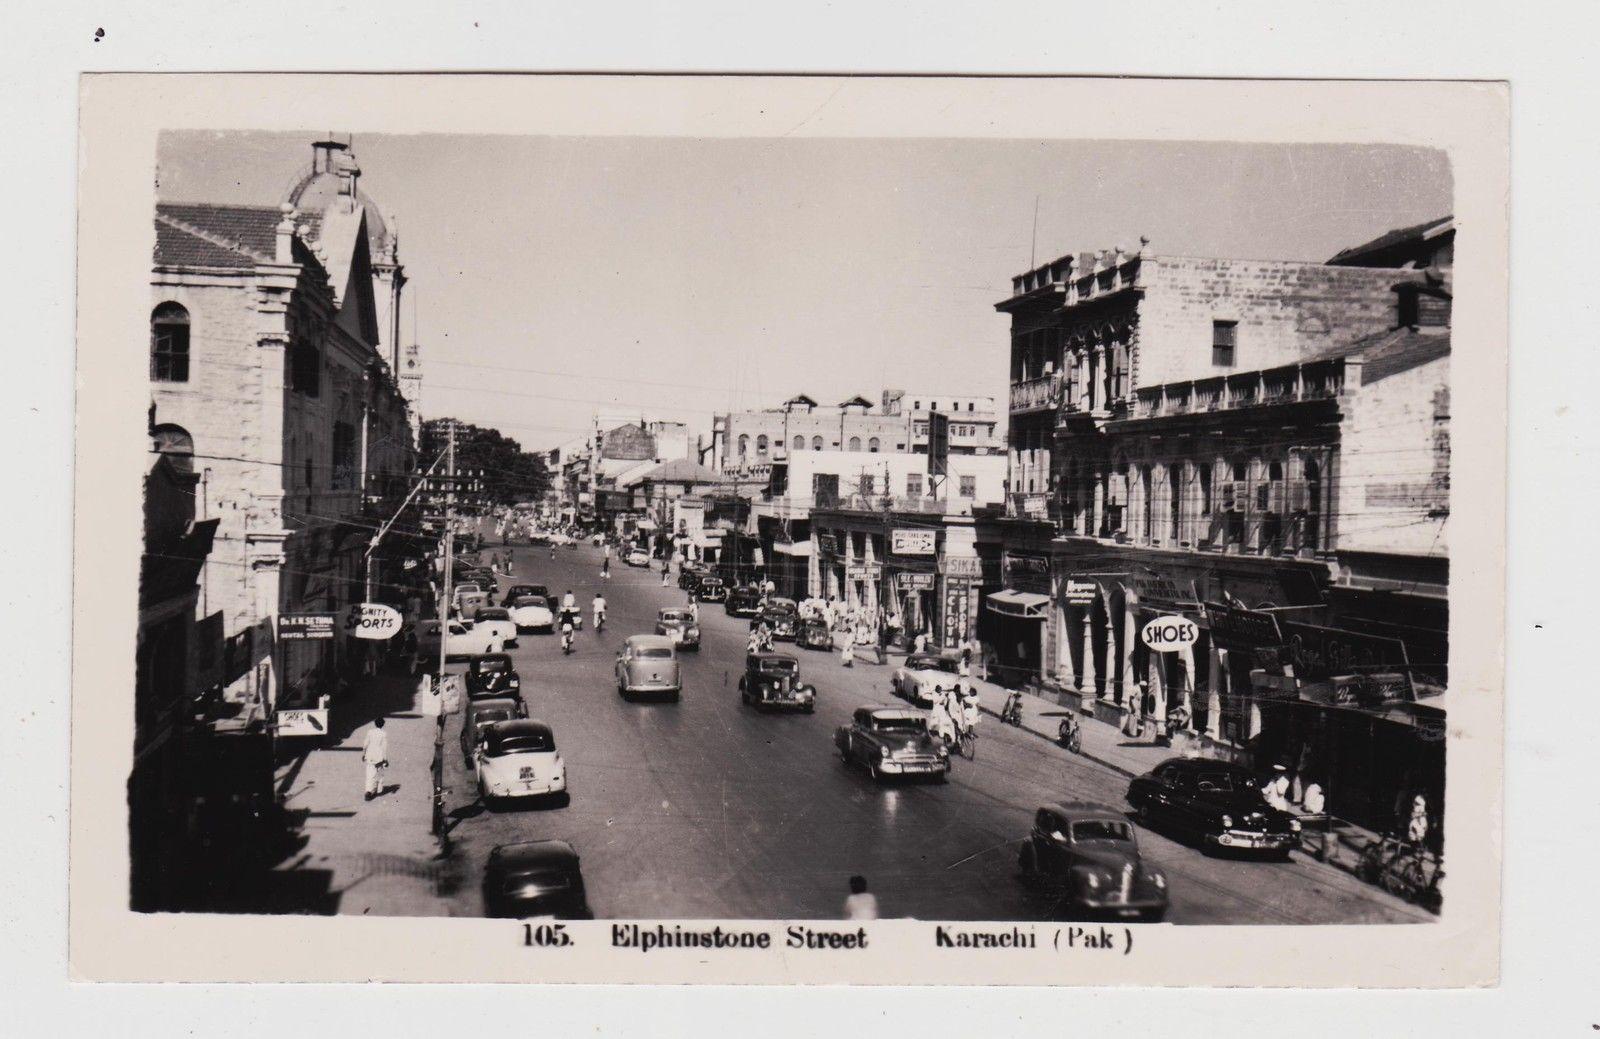 karachi1948.JPG